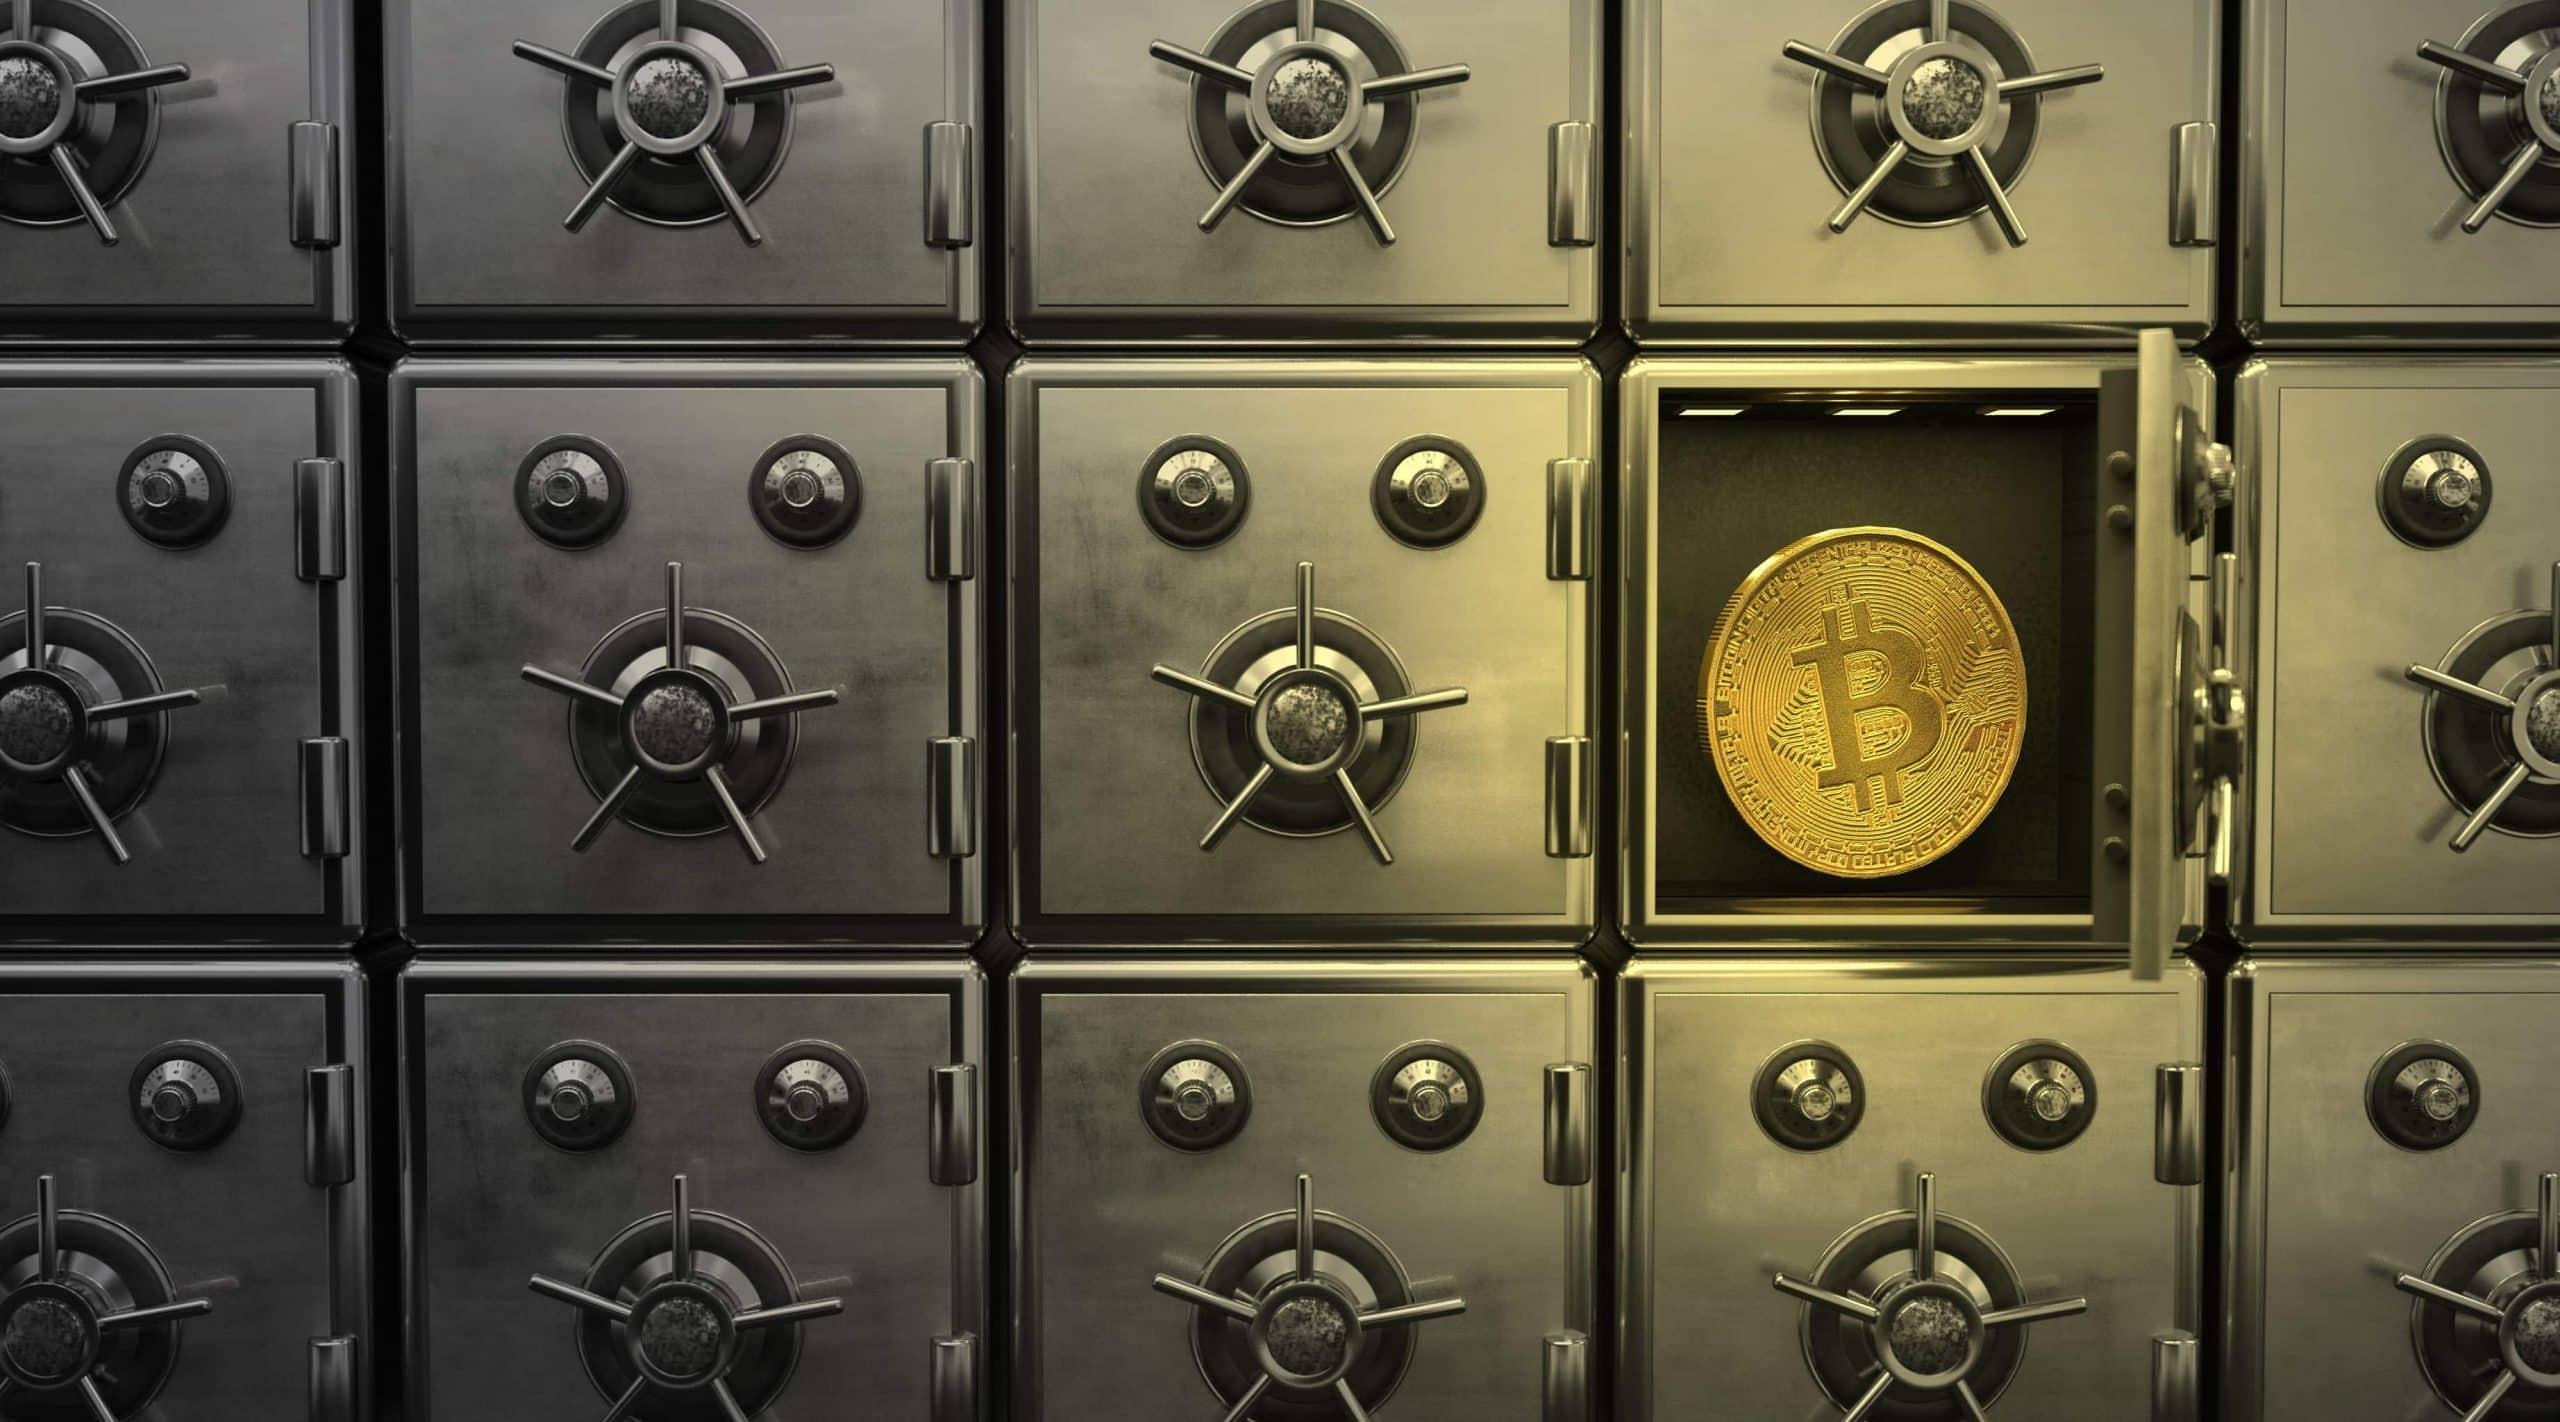 Ein offenes Schließfach mit einer Bitcoin-Münze